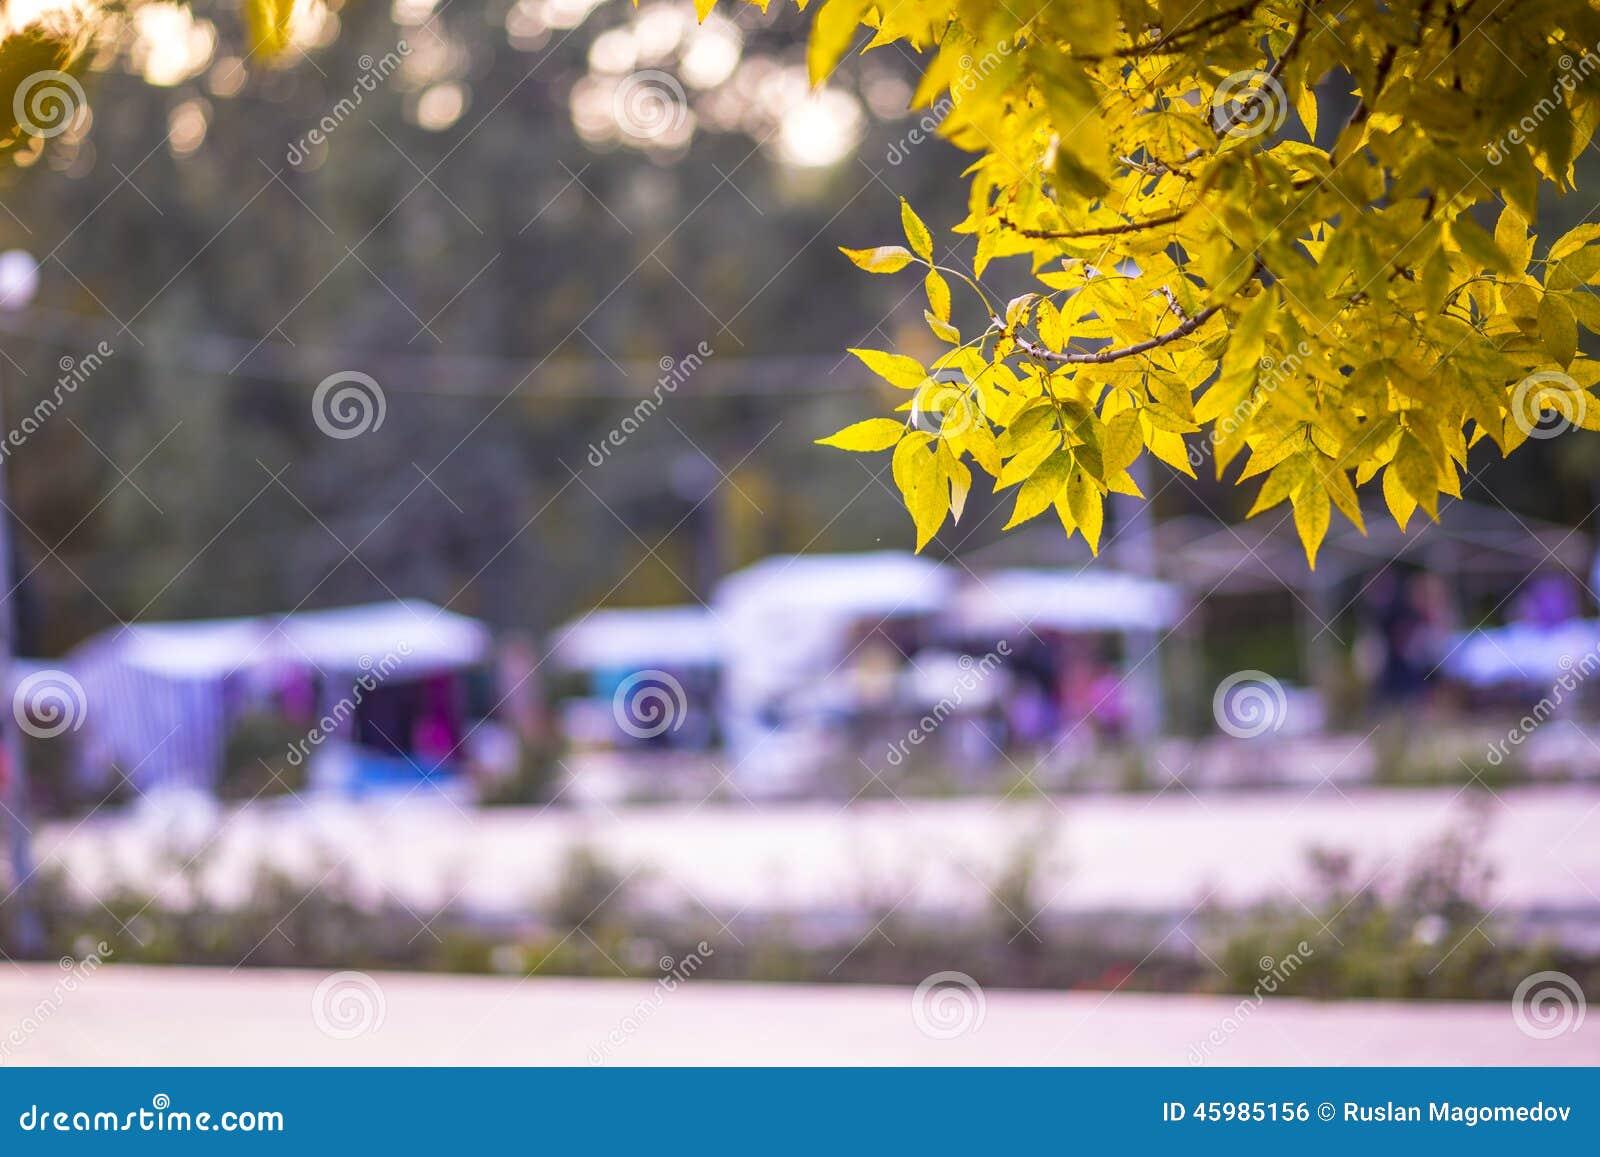 Herbst angemessen